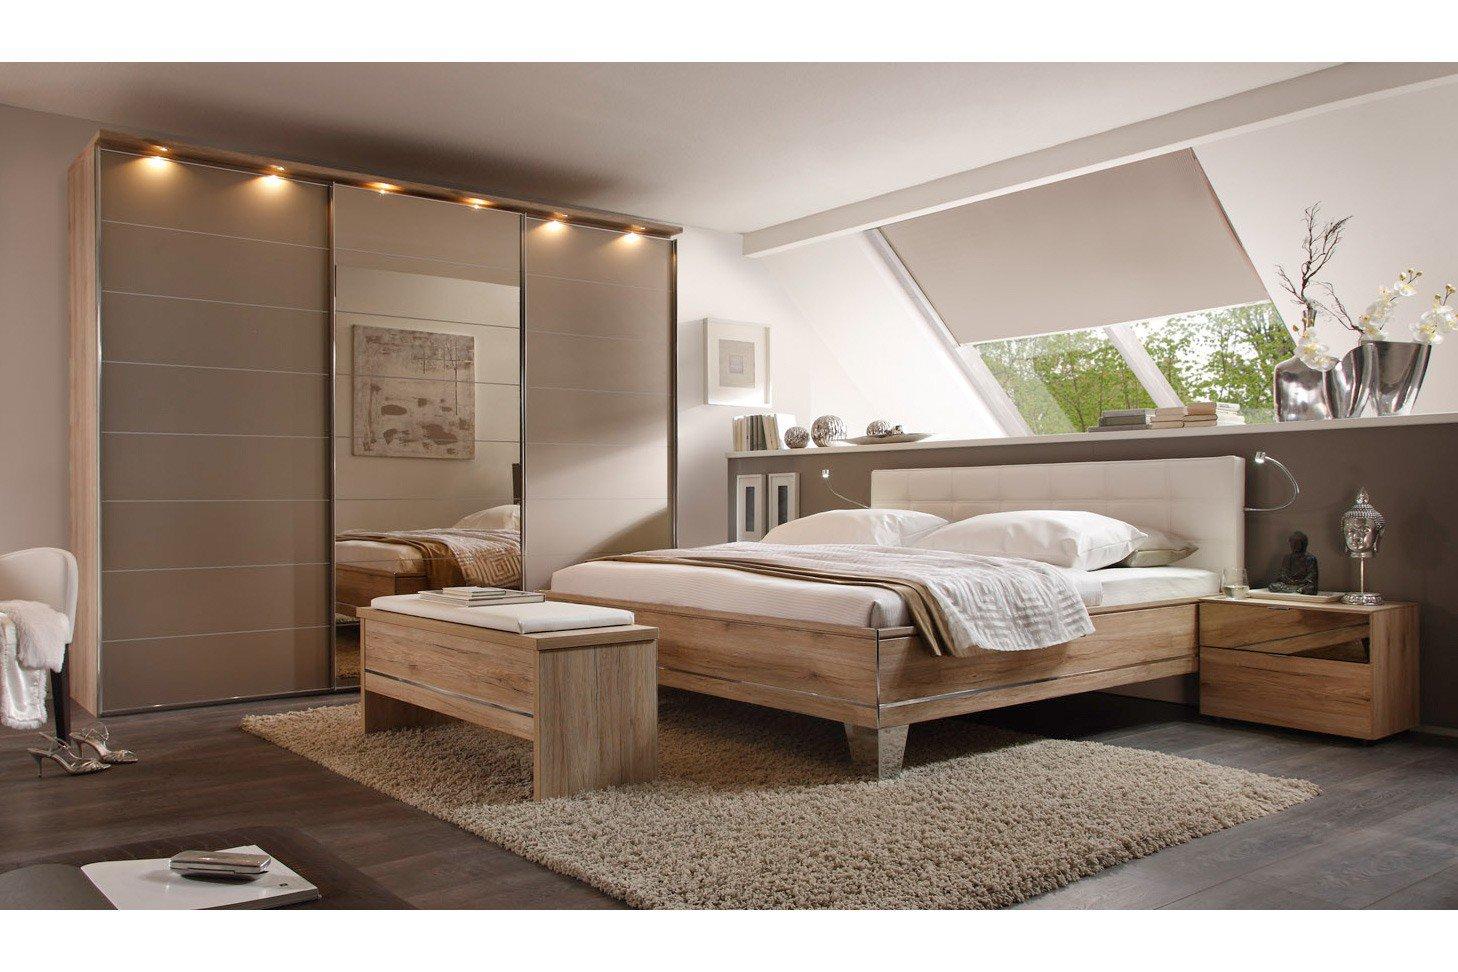 Staud Sonate Schlafzimmerset 4teilig  Möbel Letz  Ihr